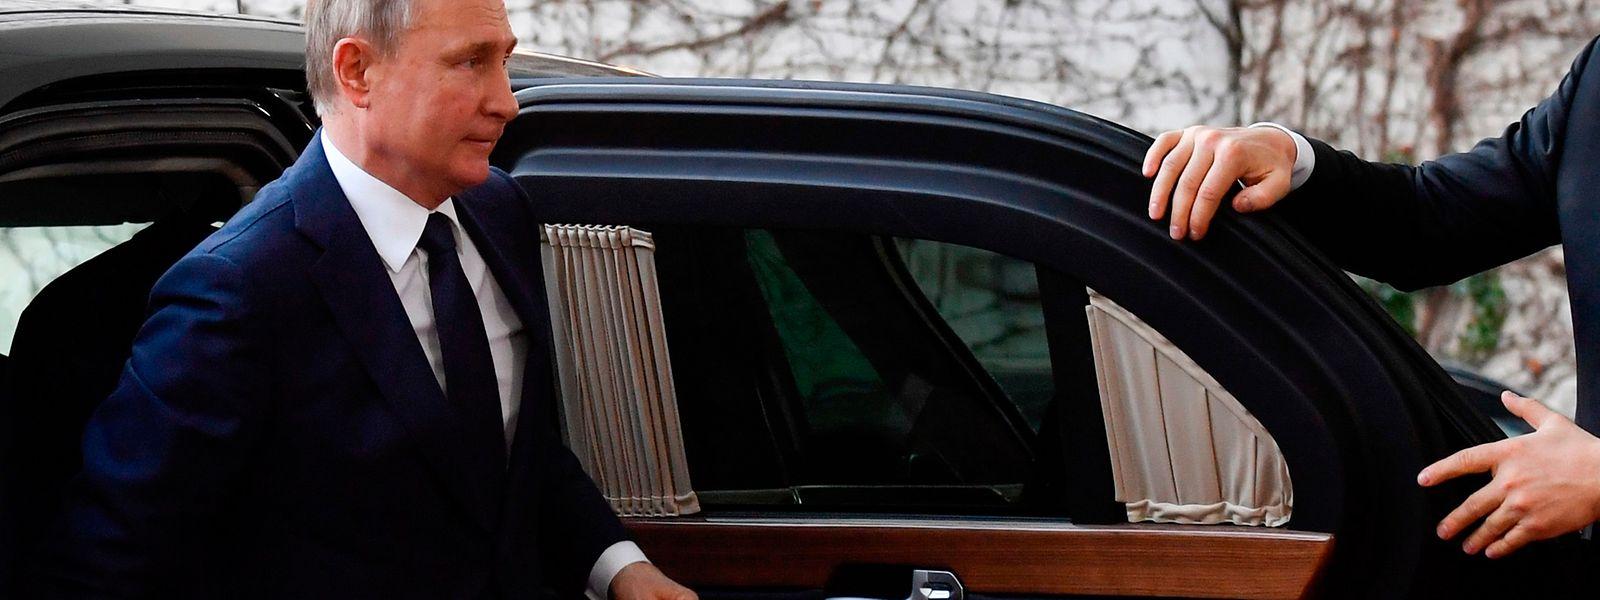 Putin will auch nach seinem Ausscheiden aus dem Amt 2024 eine wichtige politische Rolle spielen.